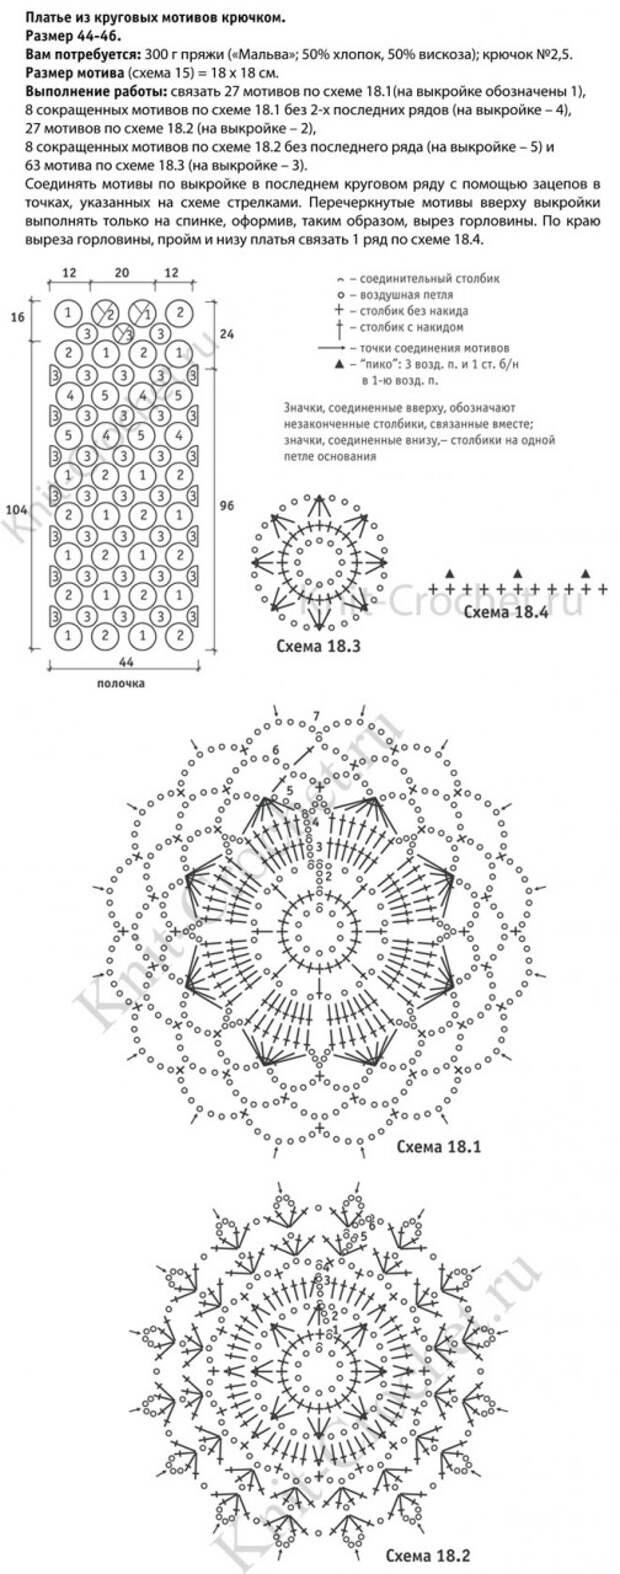 Выкройка, схемы узоров с описанием вязания из круговых мотивов крючком женского платья размера 44-46.